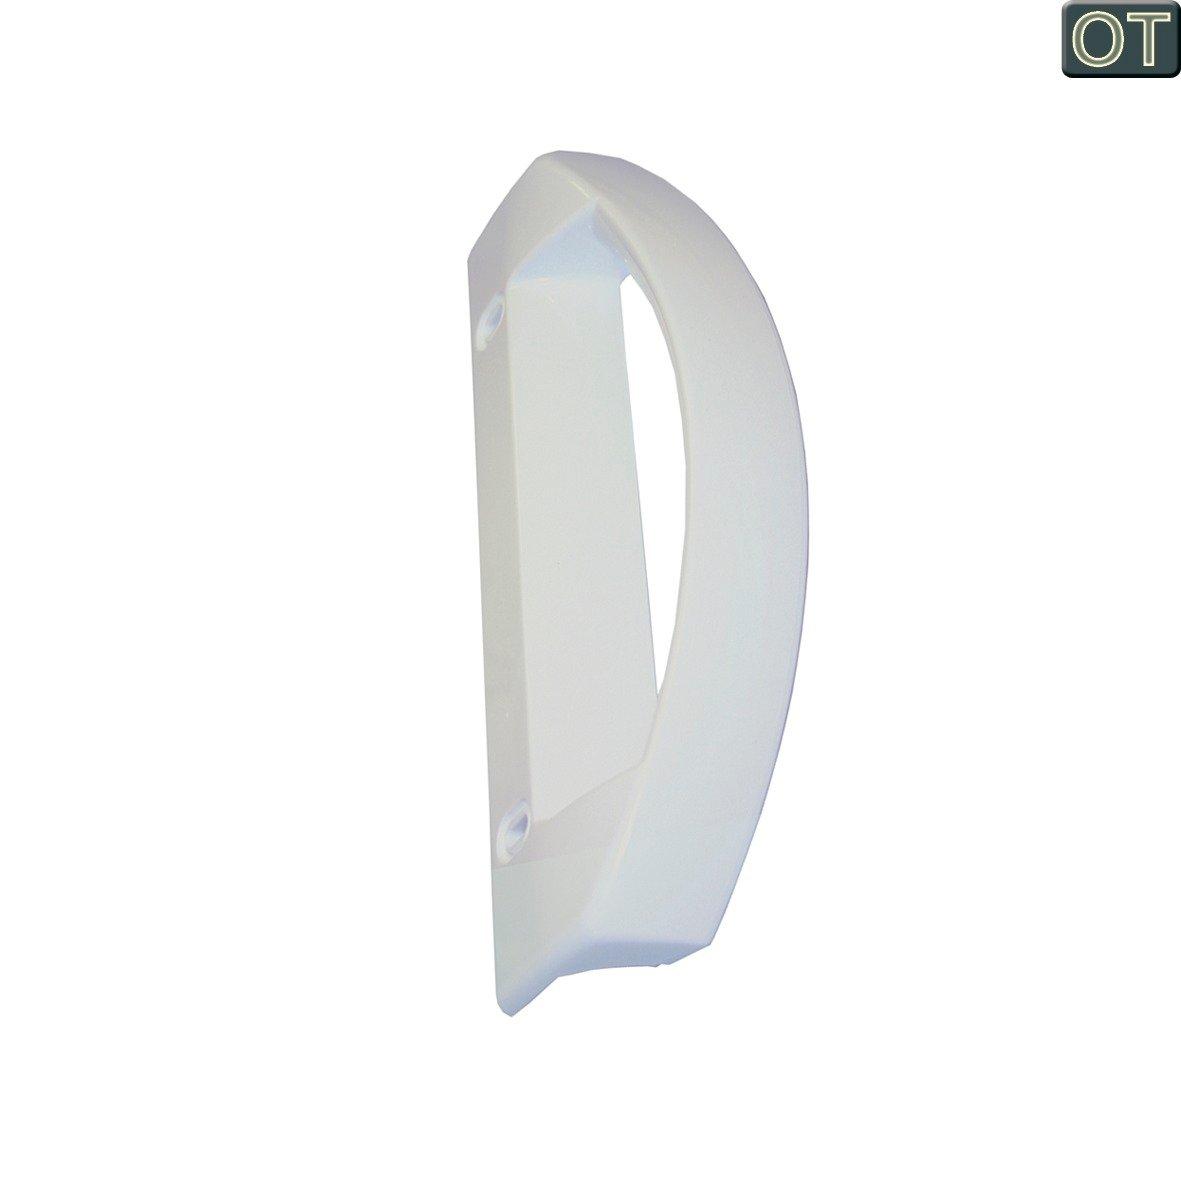 Türgriff Griff Handgriff Schließnase für AEG Electrolux Waschmaschine 405508700